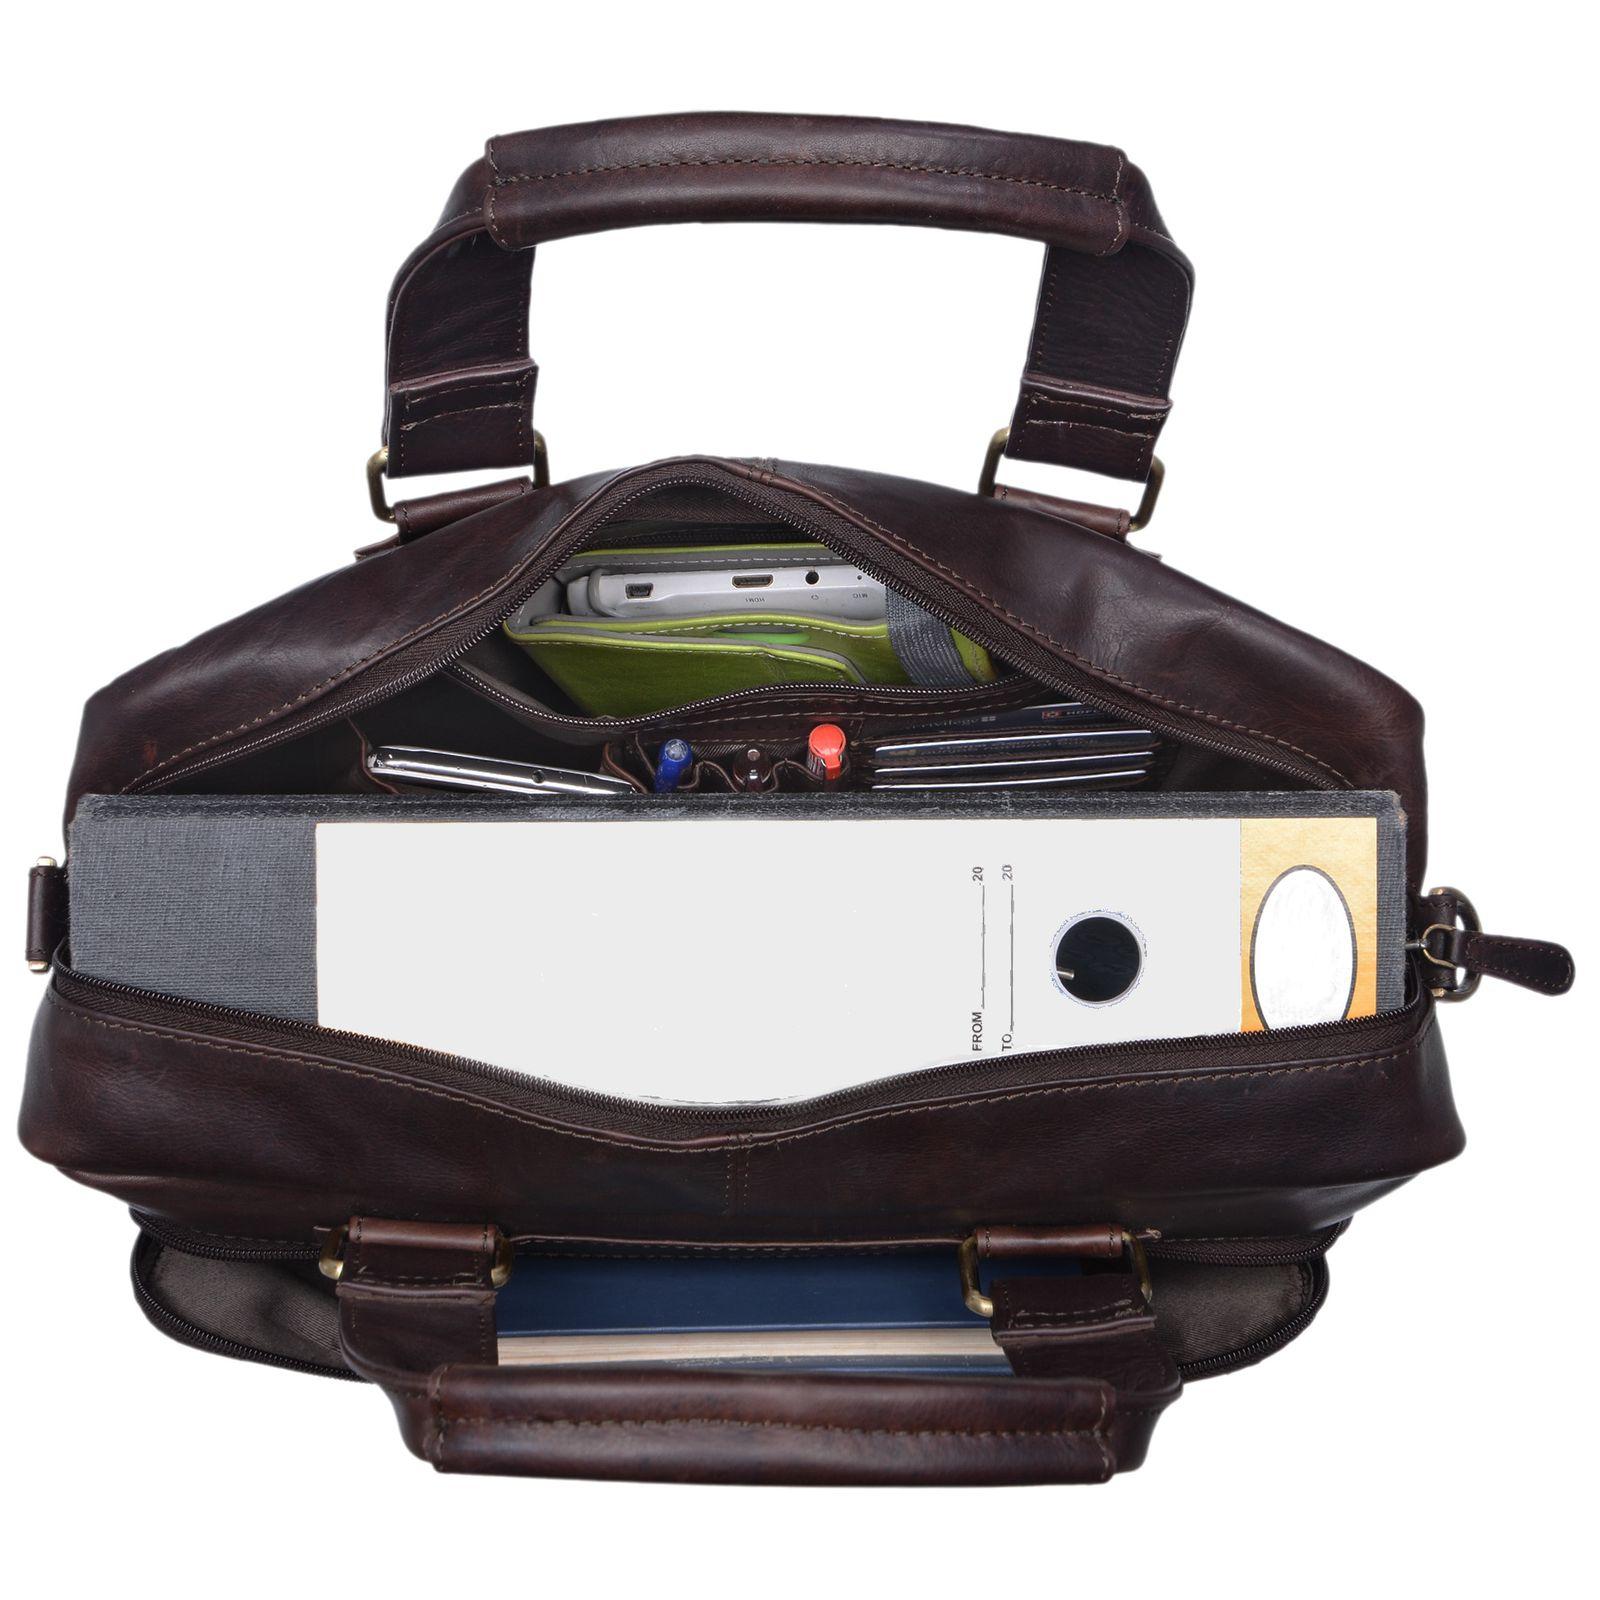 """STILORD """"Jon"""" Vintage Leder Umhängetasche Herren Damen Laptoptasche 15.6 Zoll für große DIN A4 Aktenordner Business Büro Arbeit Uni echtes Büffelleder - Bild 4"""